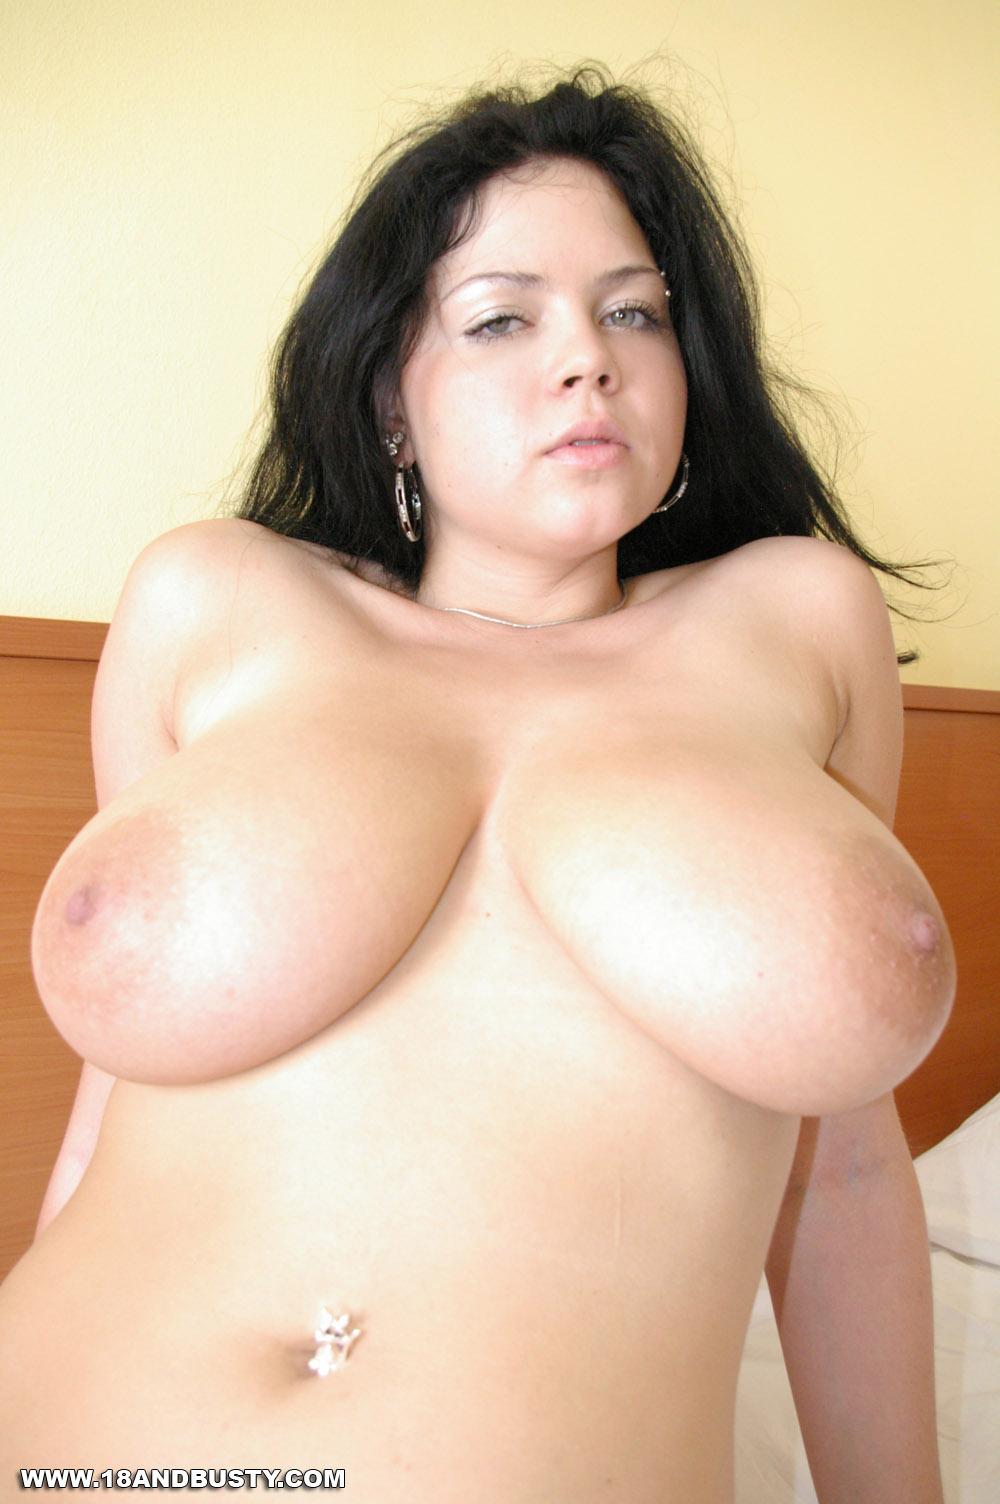 best latina babes nude